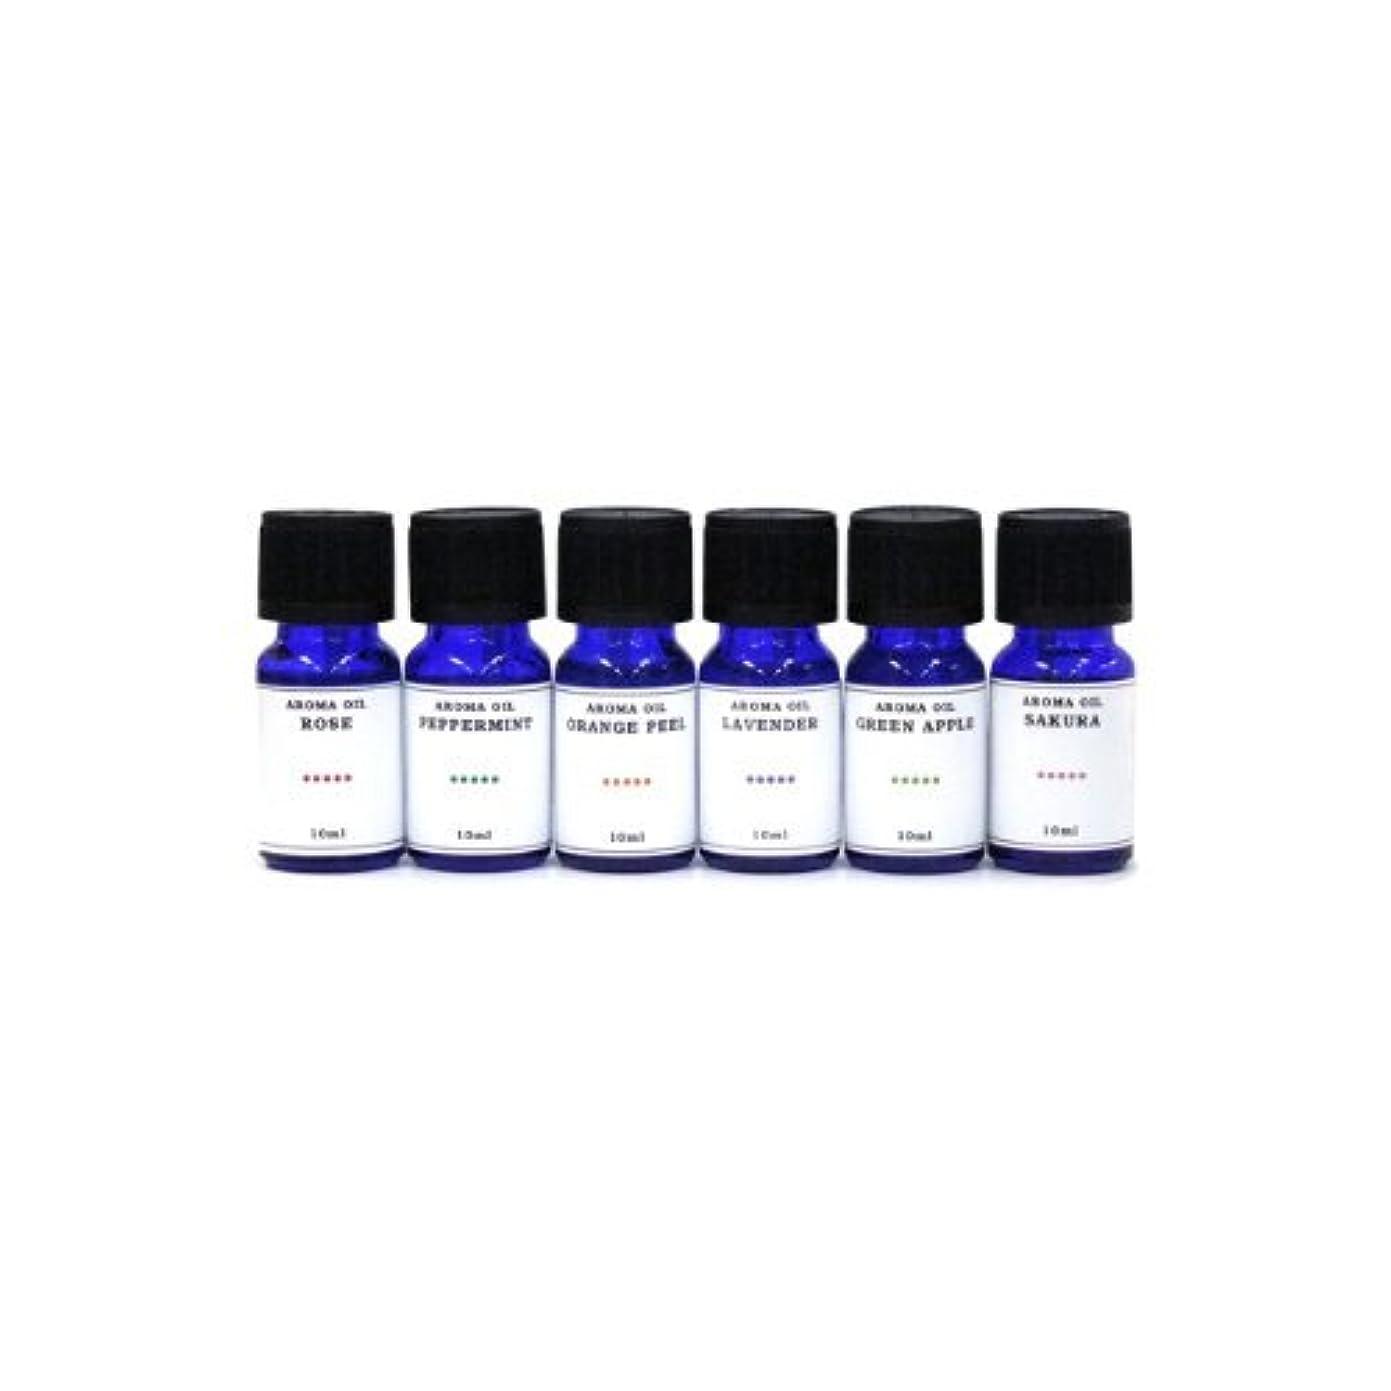 ぜいたく過激派経済的水溶性アロマオイル 6種の香りセット ラベンダー/ペパーミント/オレンジピール/サクラ/グリーンアップル/ローズ